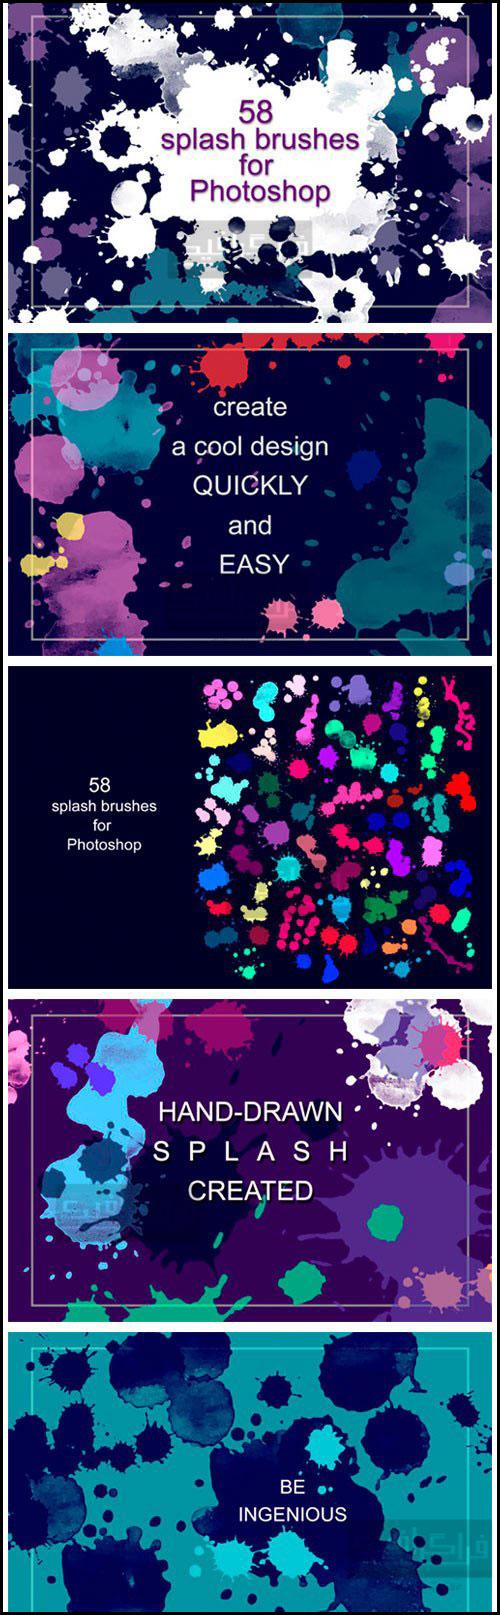 دانلود براش های فتوشاپ پاشیدن رنگ - شماره 8